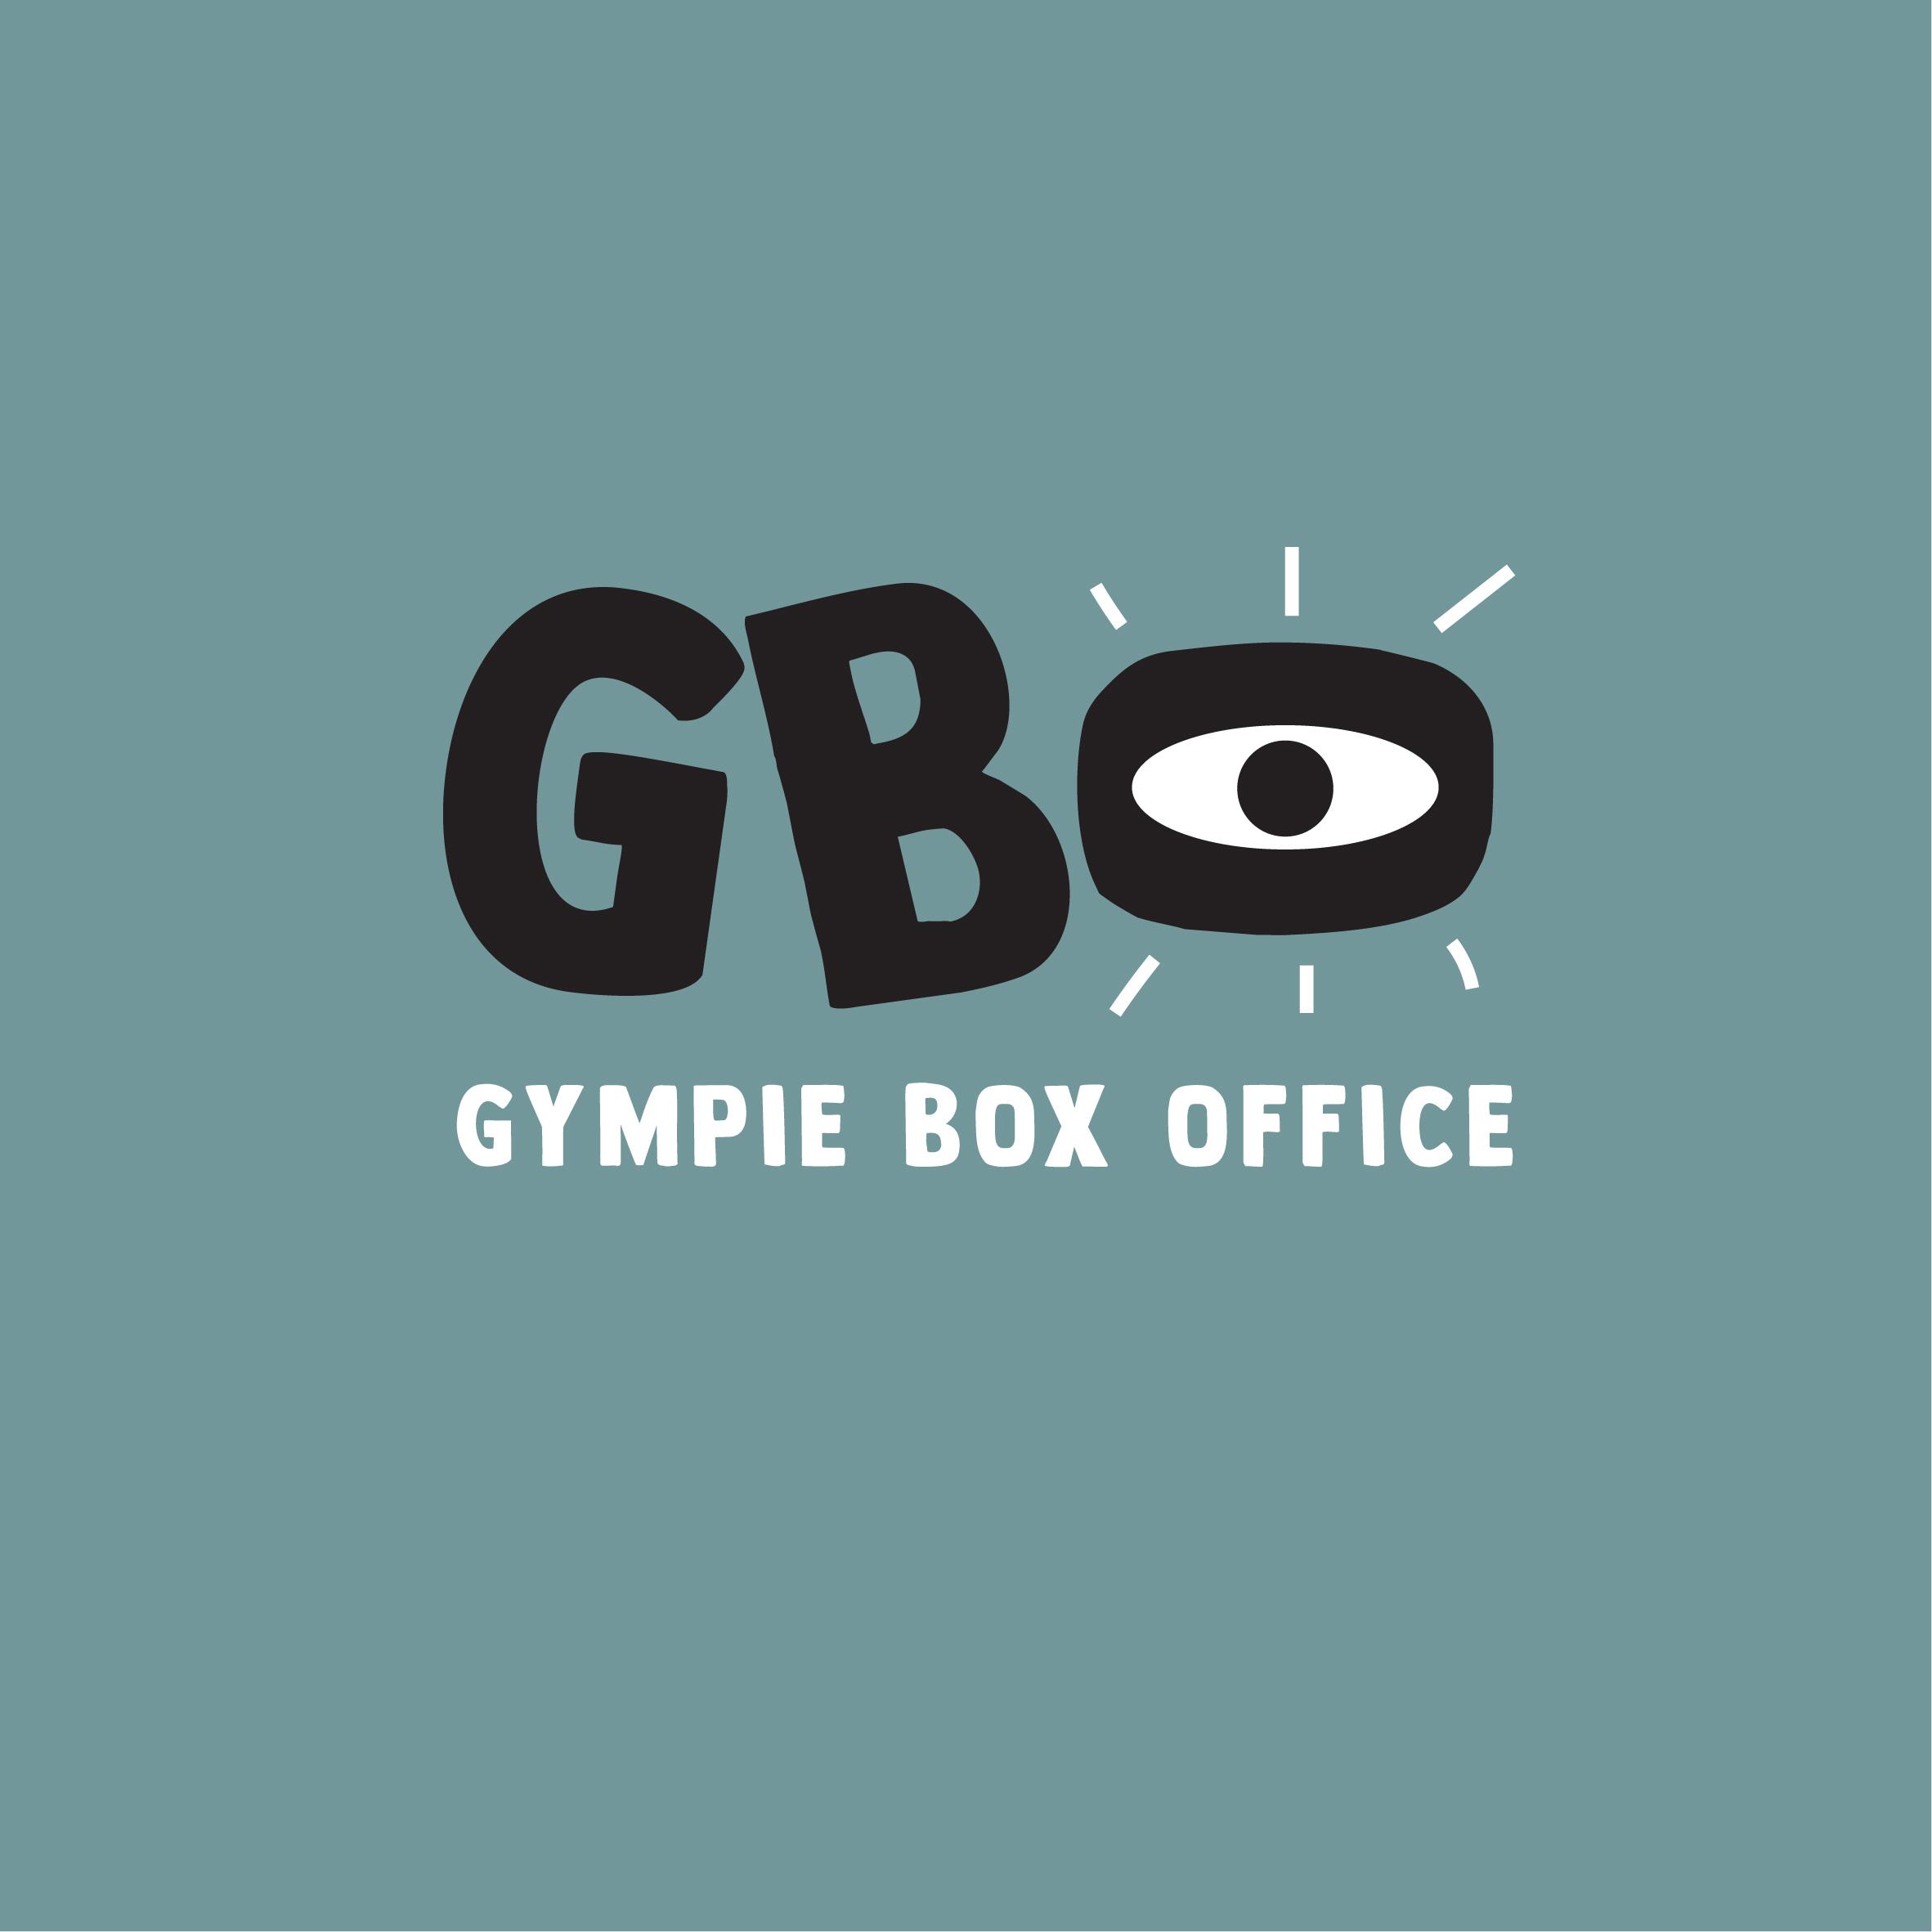 GBO LOGO-01.jpg